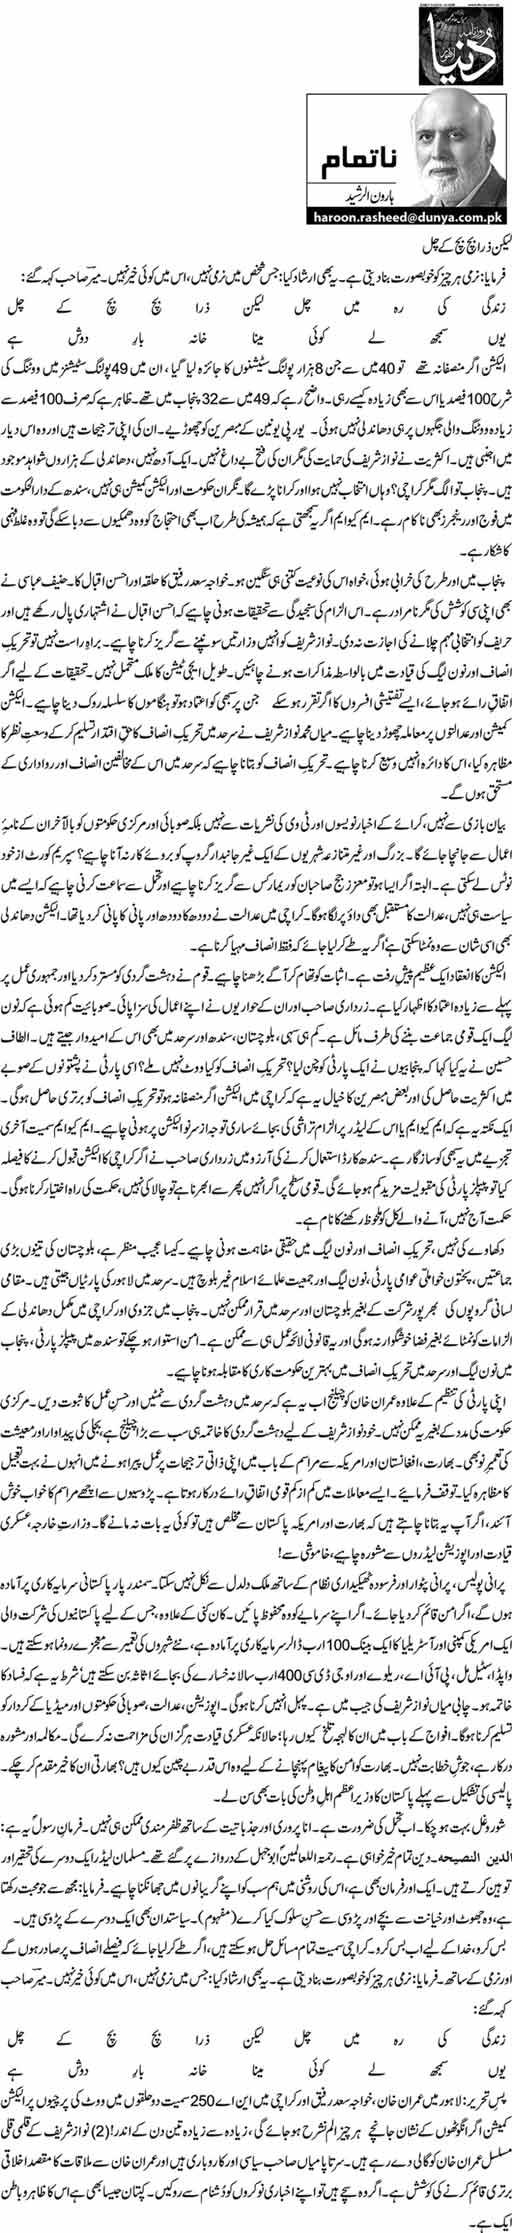 Lakin Zara Bach Bach K Chal - Haroon-ur-Rasheed